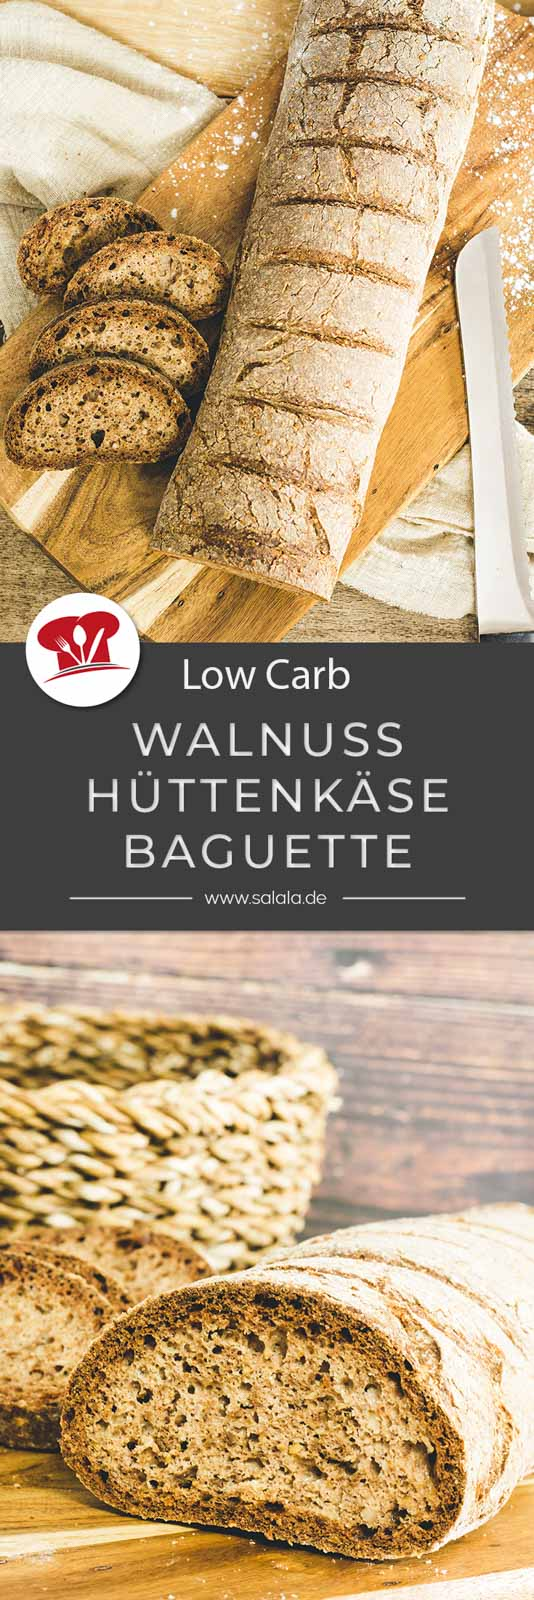 Baguette passt zum Grillen wie Essig zum Salat. Das muss einfach sein. Und nur weil du Low Carb isst musst du nicht auf ein leckeres Baguette verzichten. Die Zutaten für das Rezept sind auch nicht extremst exotisch, als auf mit dir in die Küche und back los. #lowcarbbrot #lowcarbbaguette #brotmitwalnuss #brotmitbambusfasern #backenmitbambusfasern #brotohnemehl #brotohnegetreide #lowcarbgrillen #glutenfreibacken